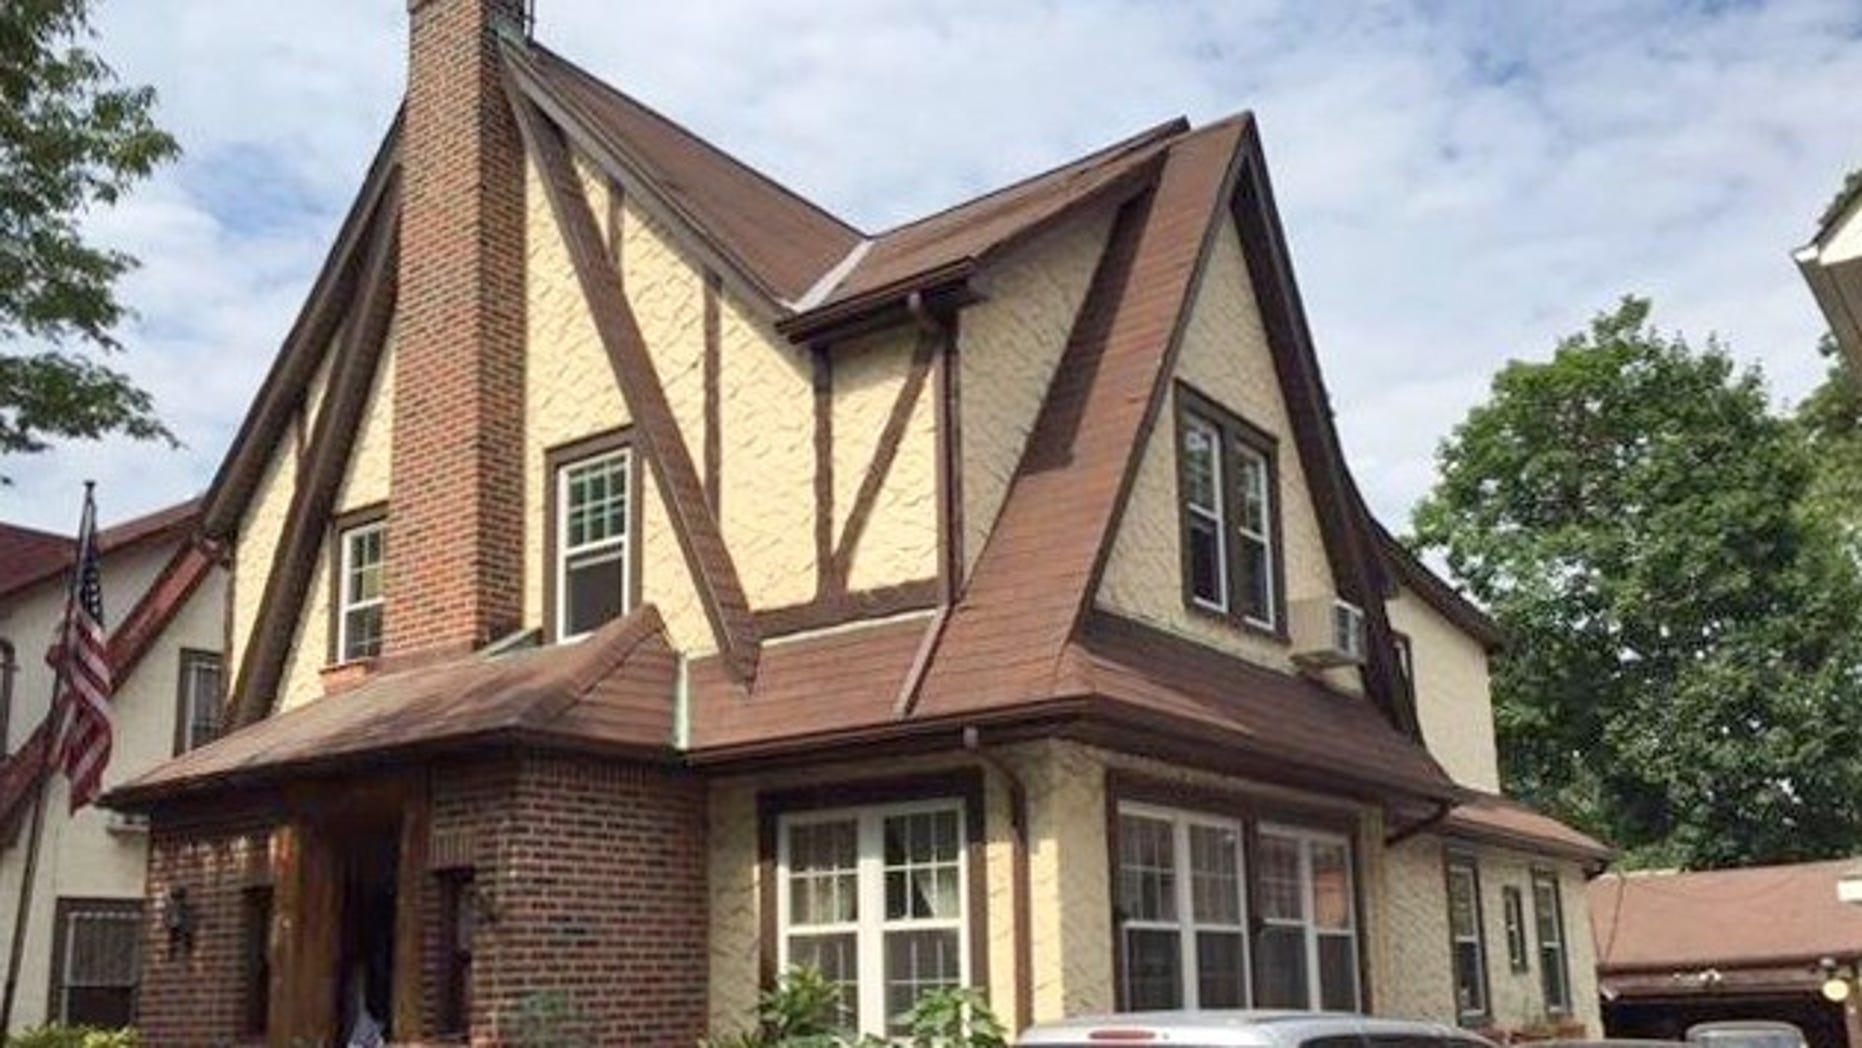 The Tudor-style home has a brick-and-stucco façade.